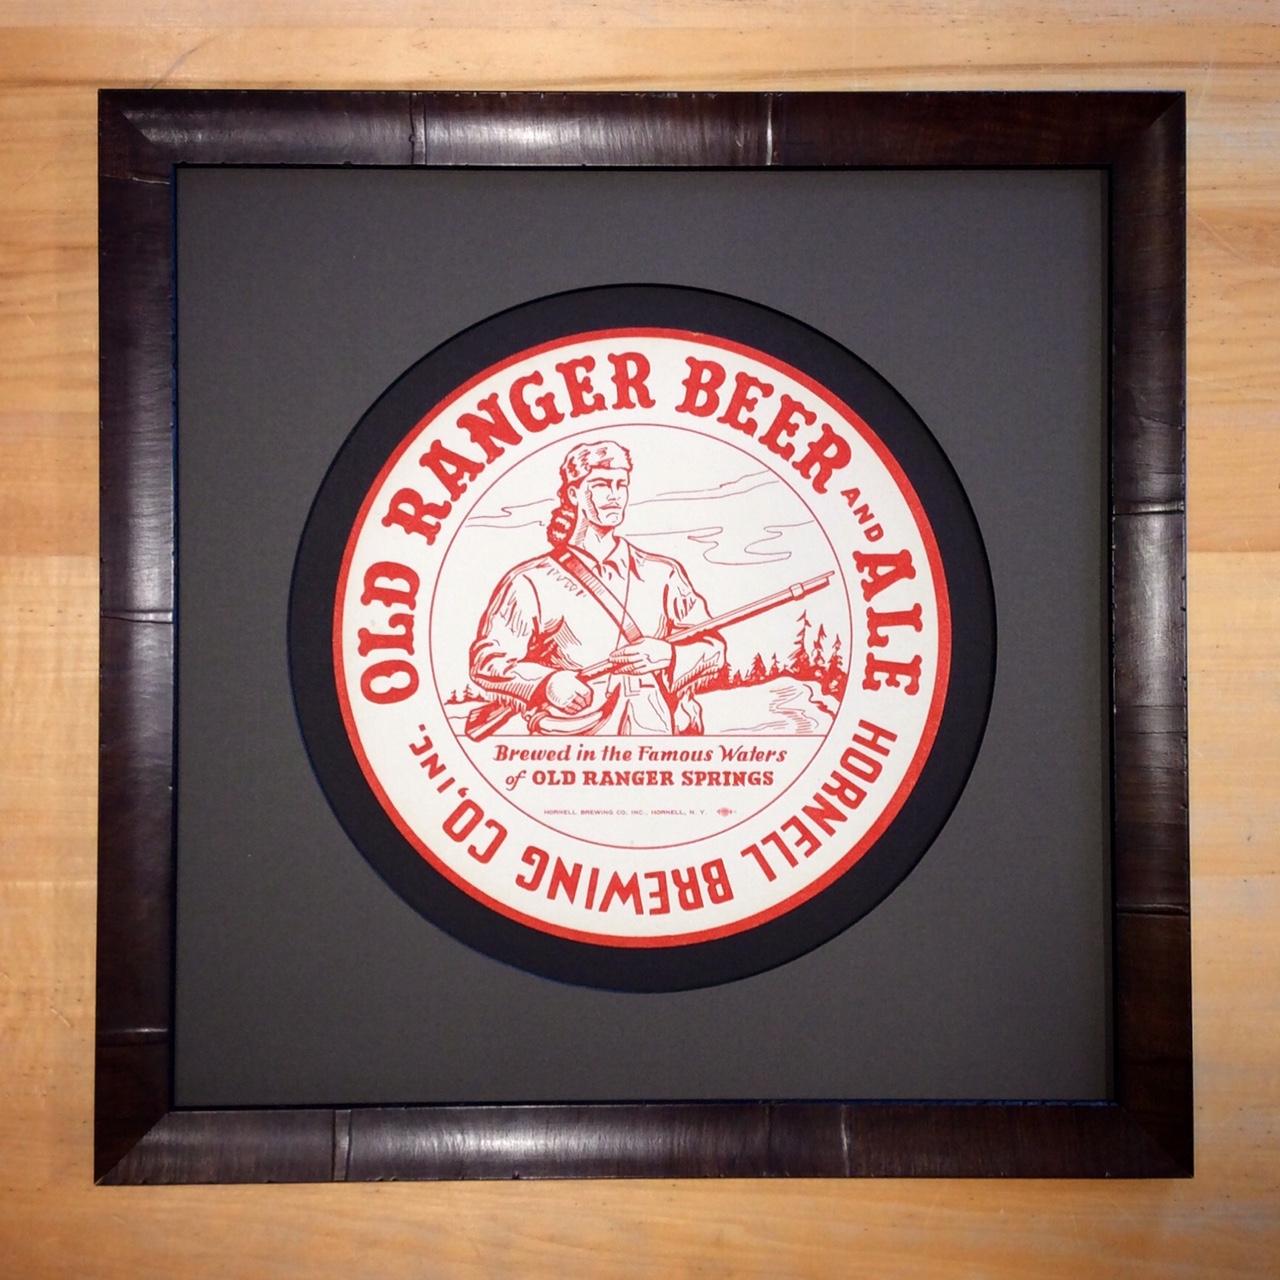 Vintage Beer Tray Liner